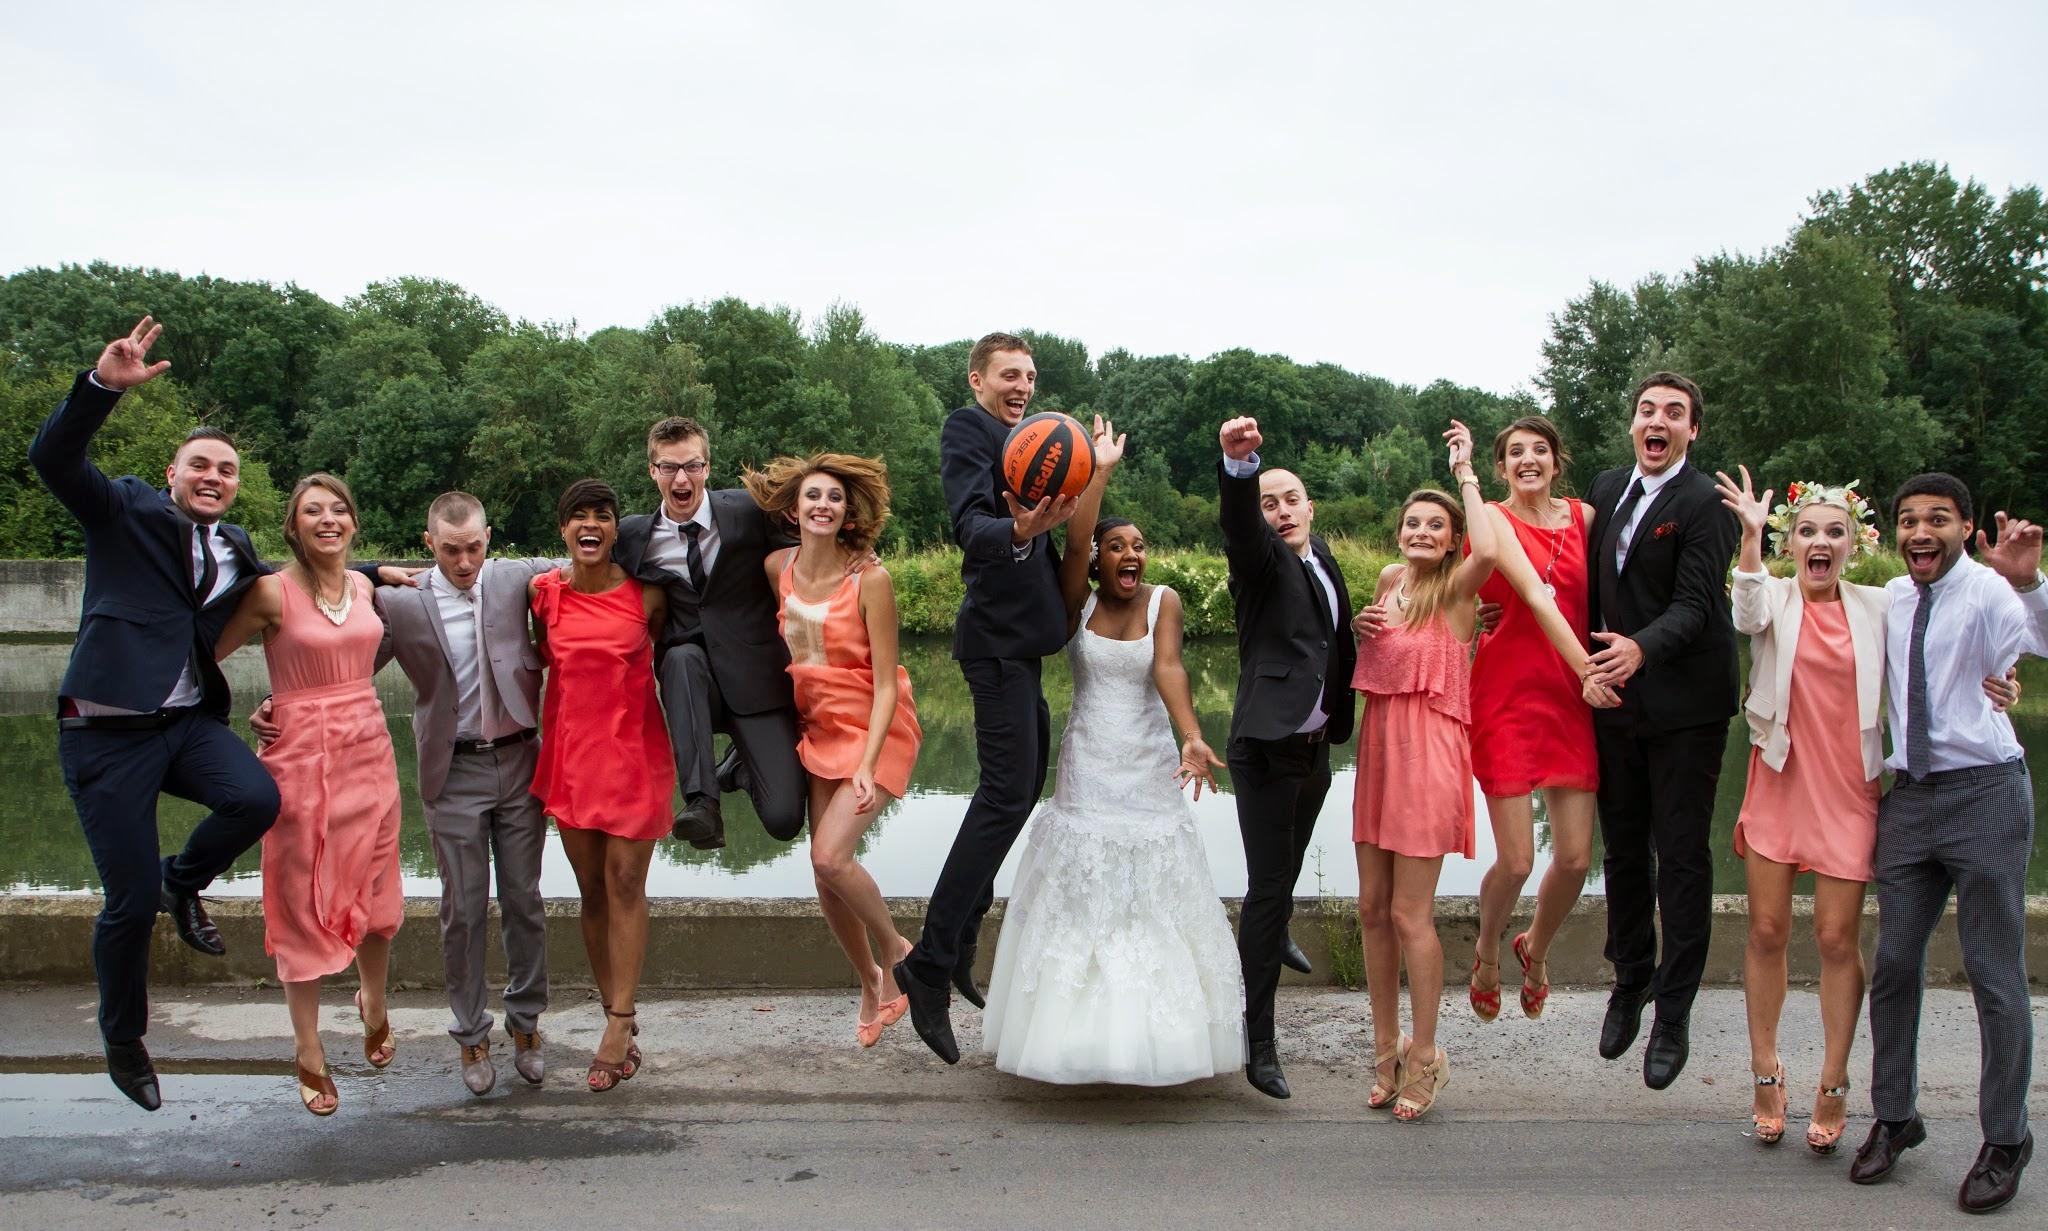 Le mariage sur le thème love & basketball de Mélissa